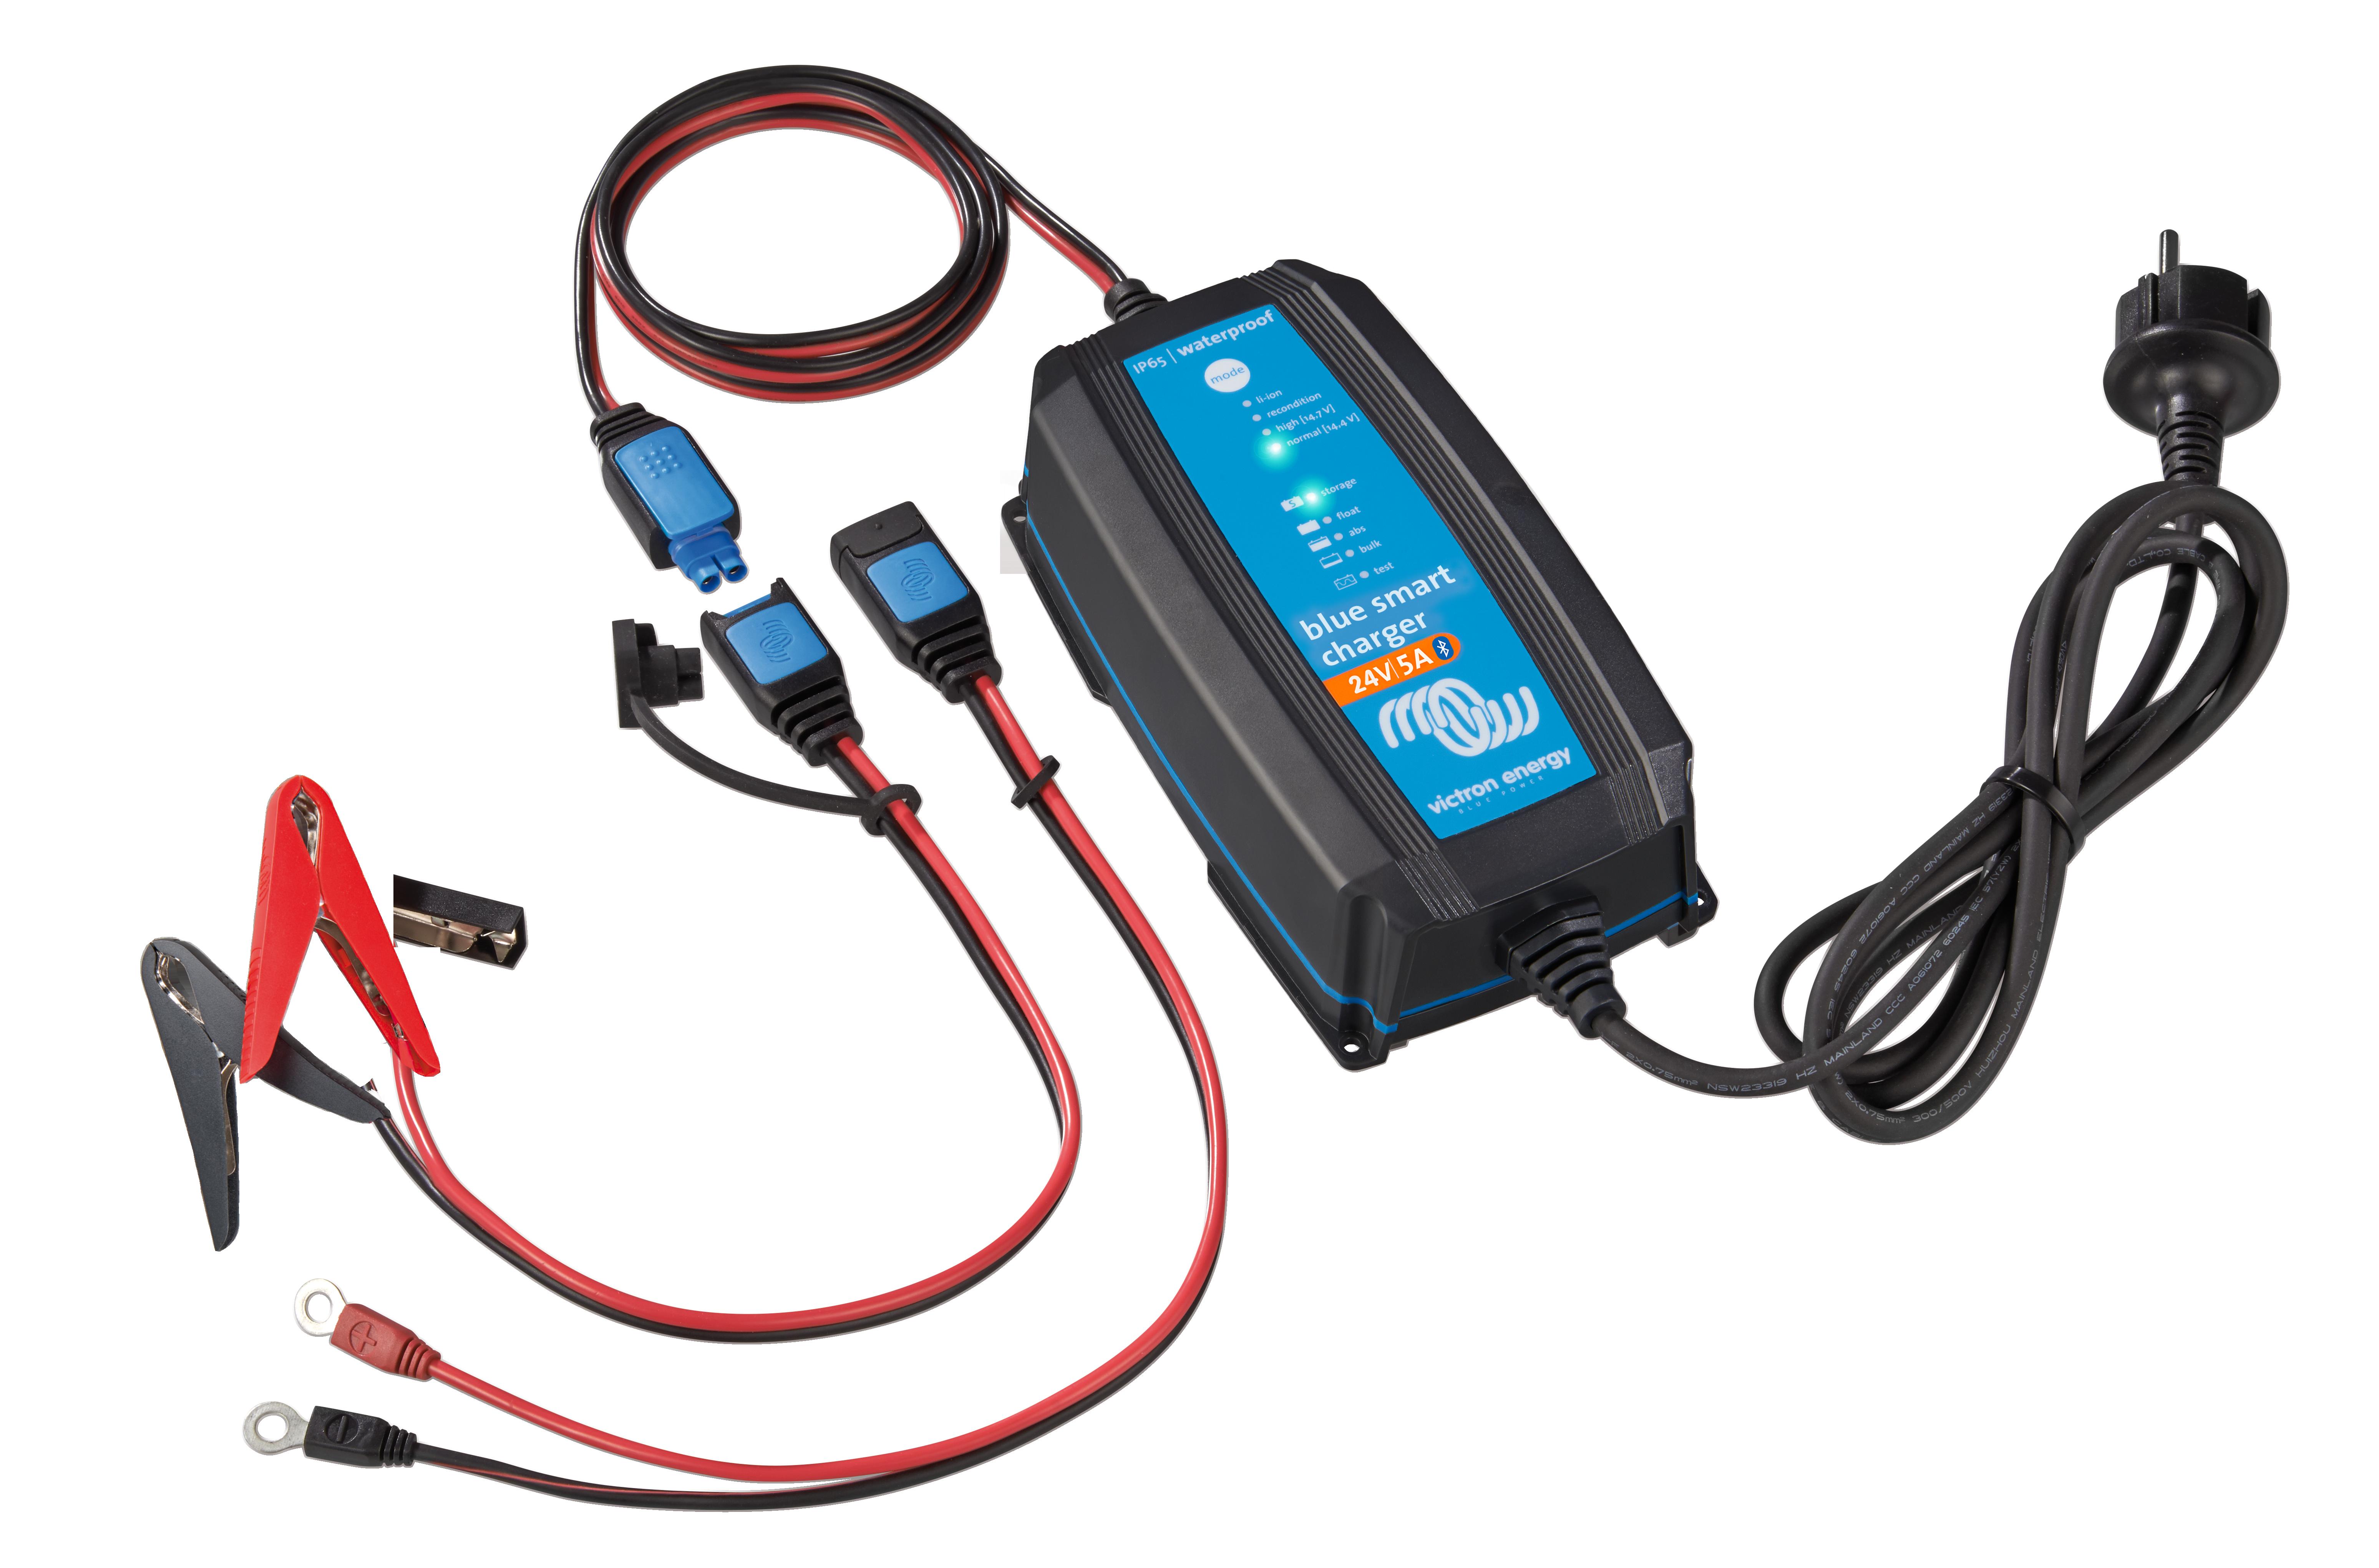 Victron Blue Smart IP65 batteriladdare